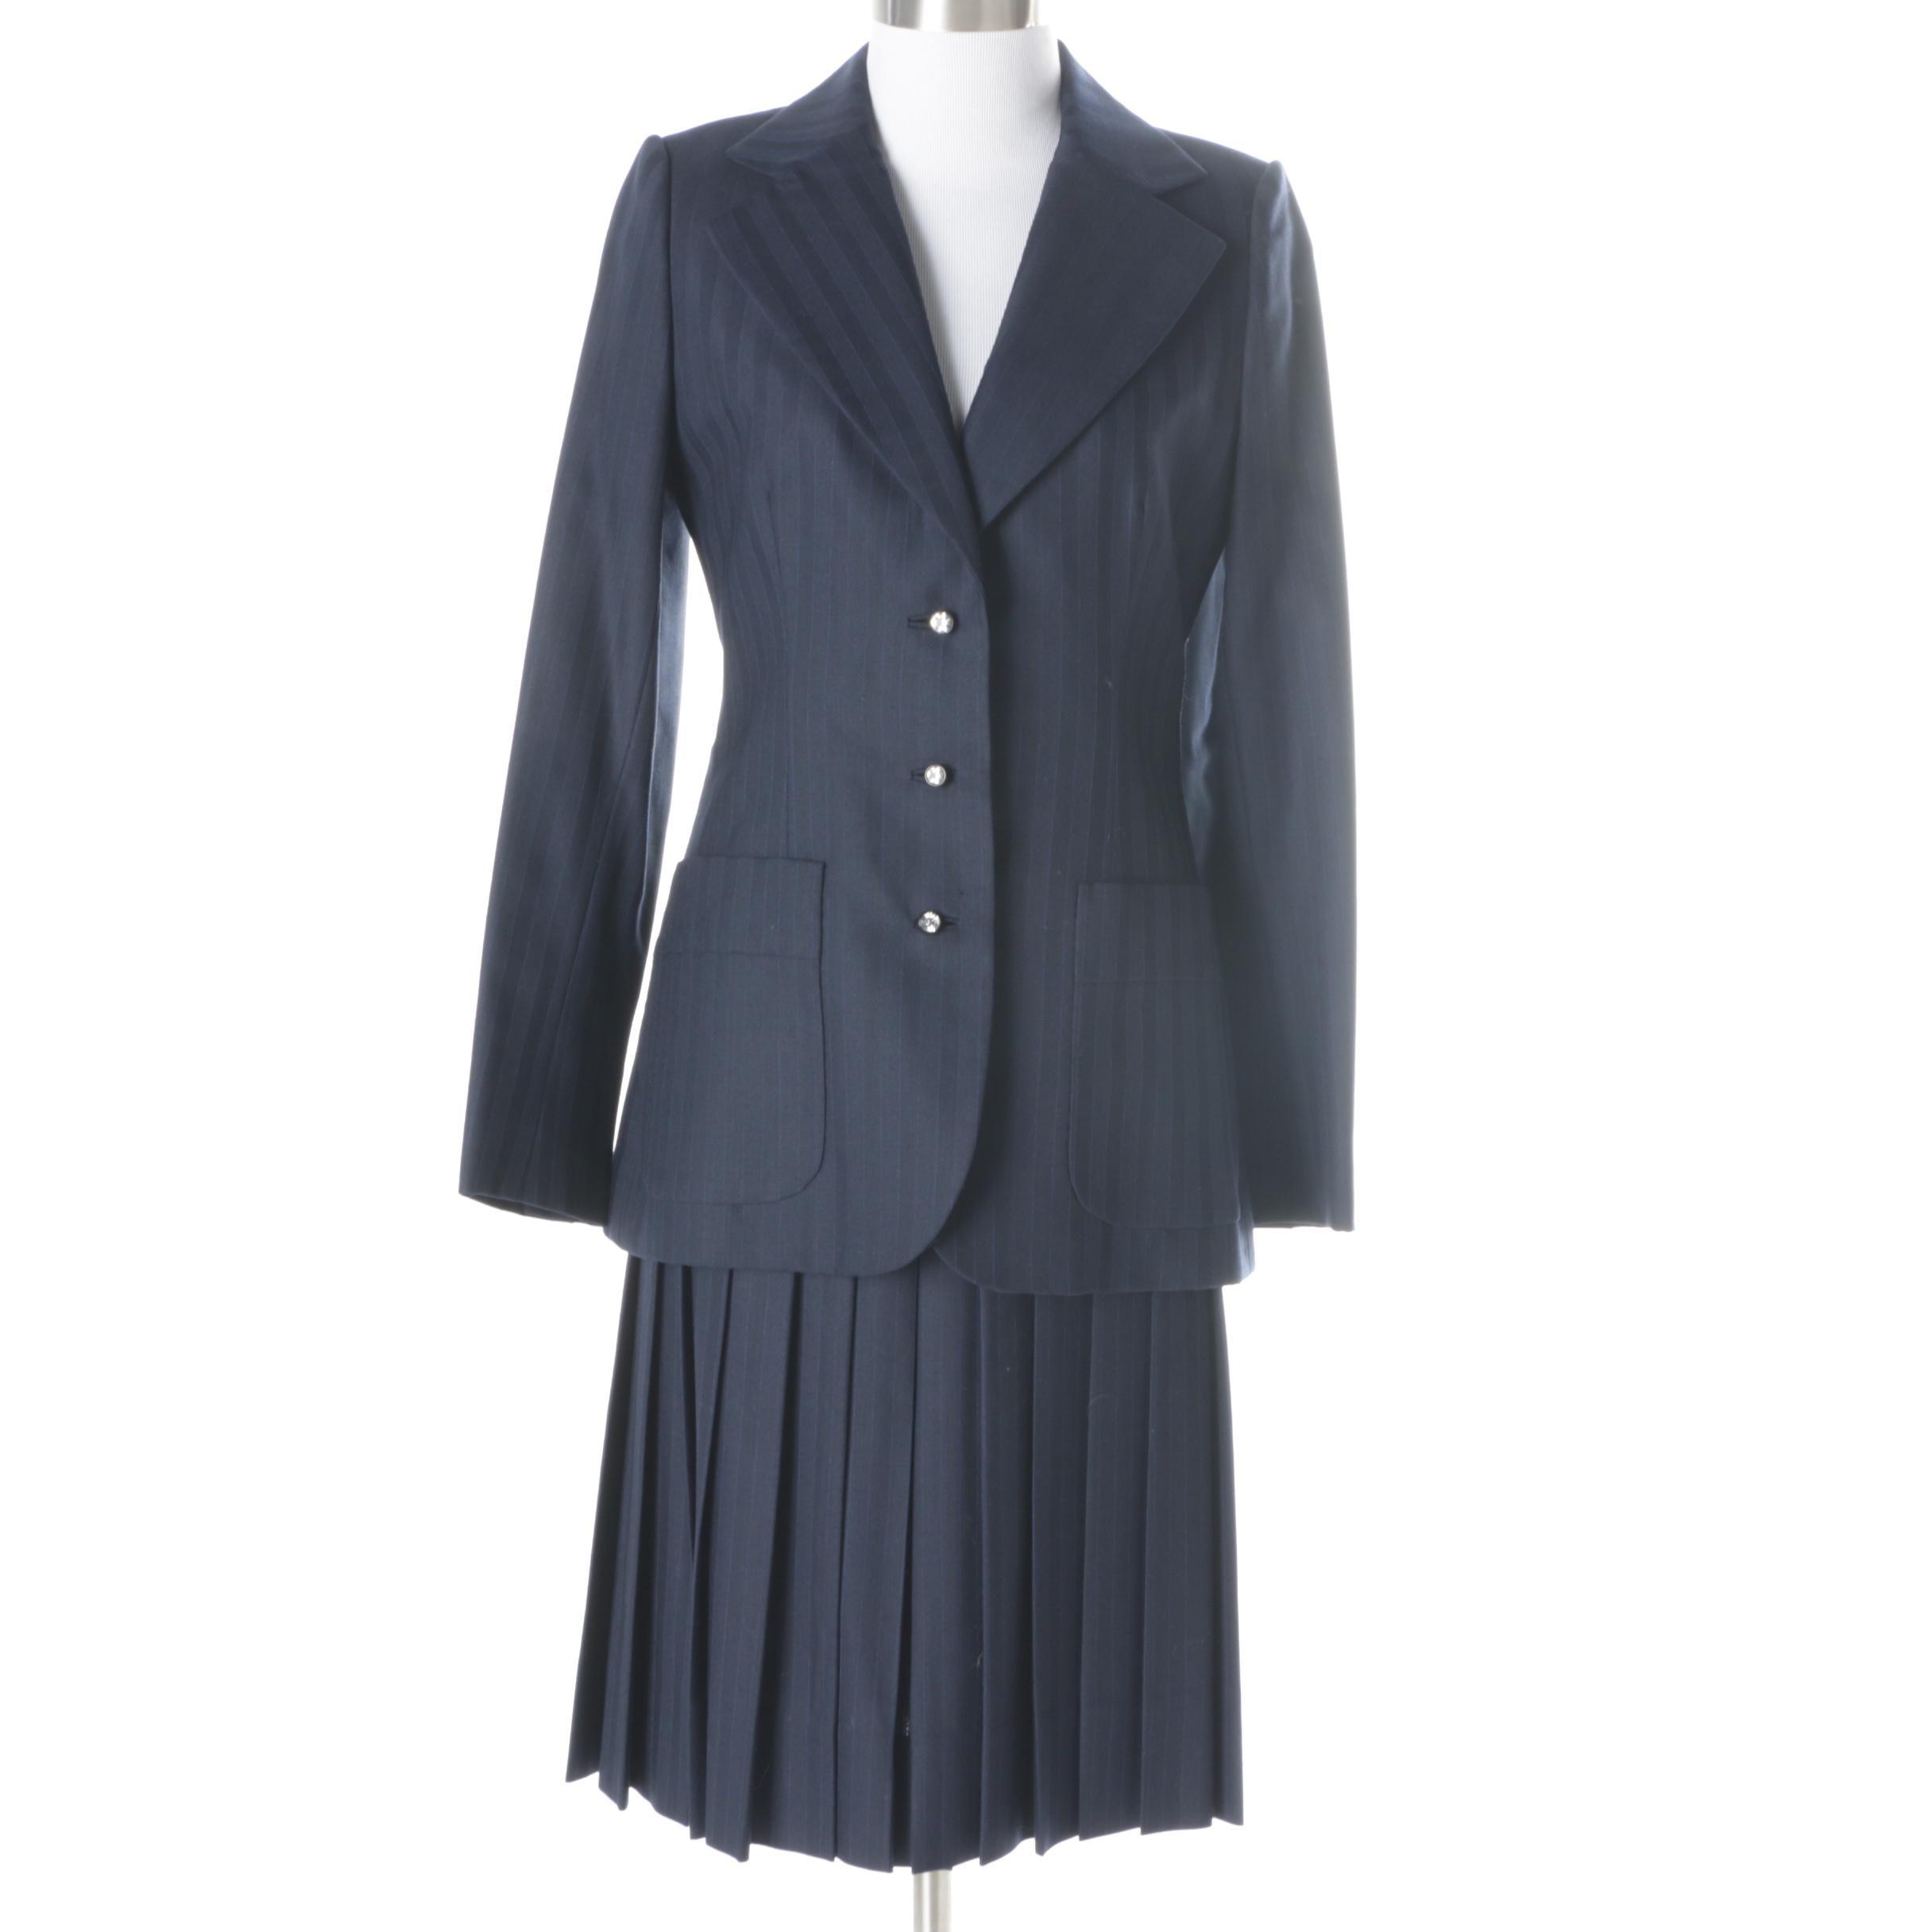 Women's Vintage Cardinali Suit